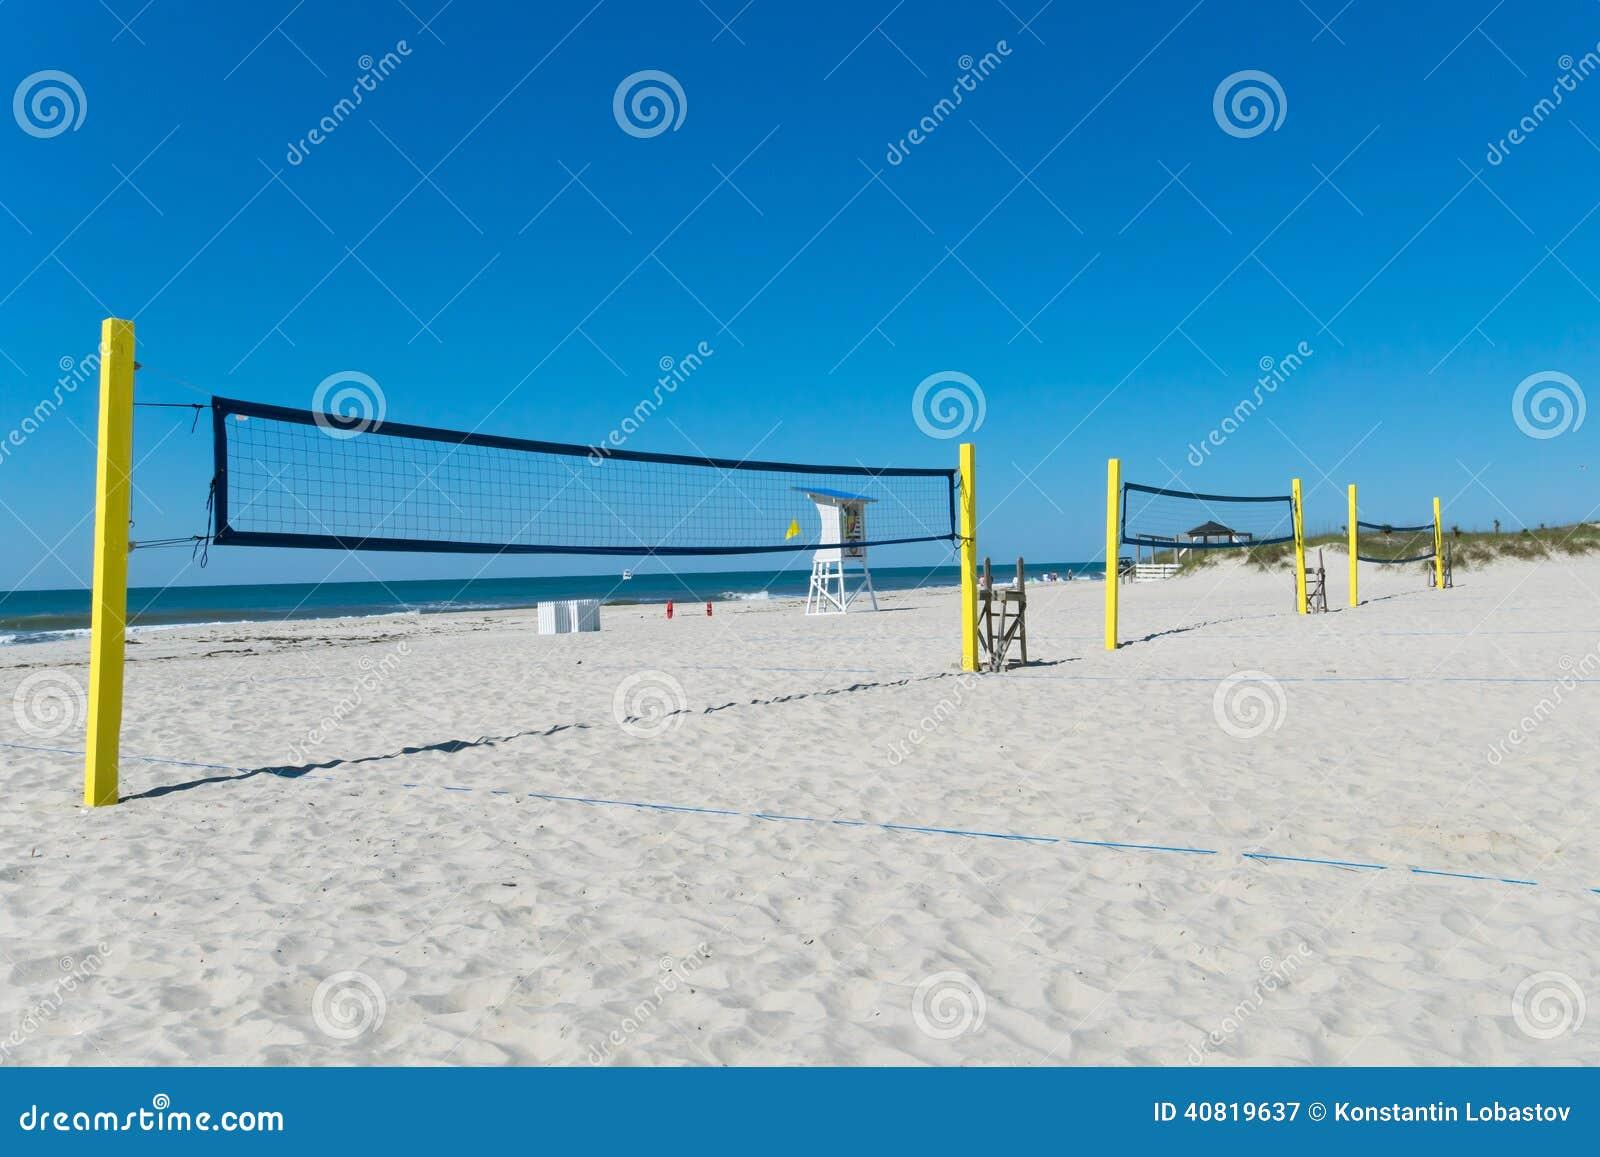 3f1c71ff7 Redes do voleibol de praia imagem de stock. Imagem de aptidão - 40819637